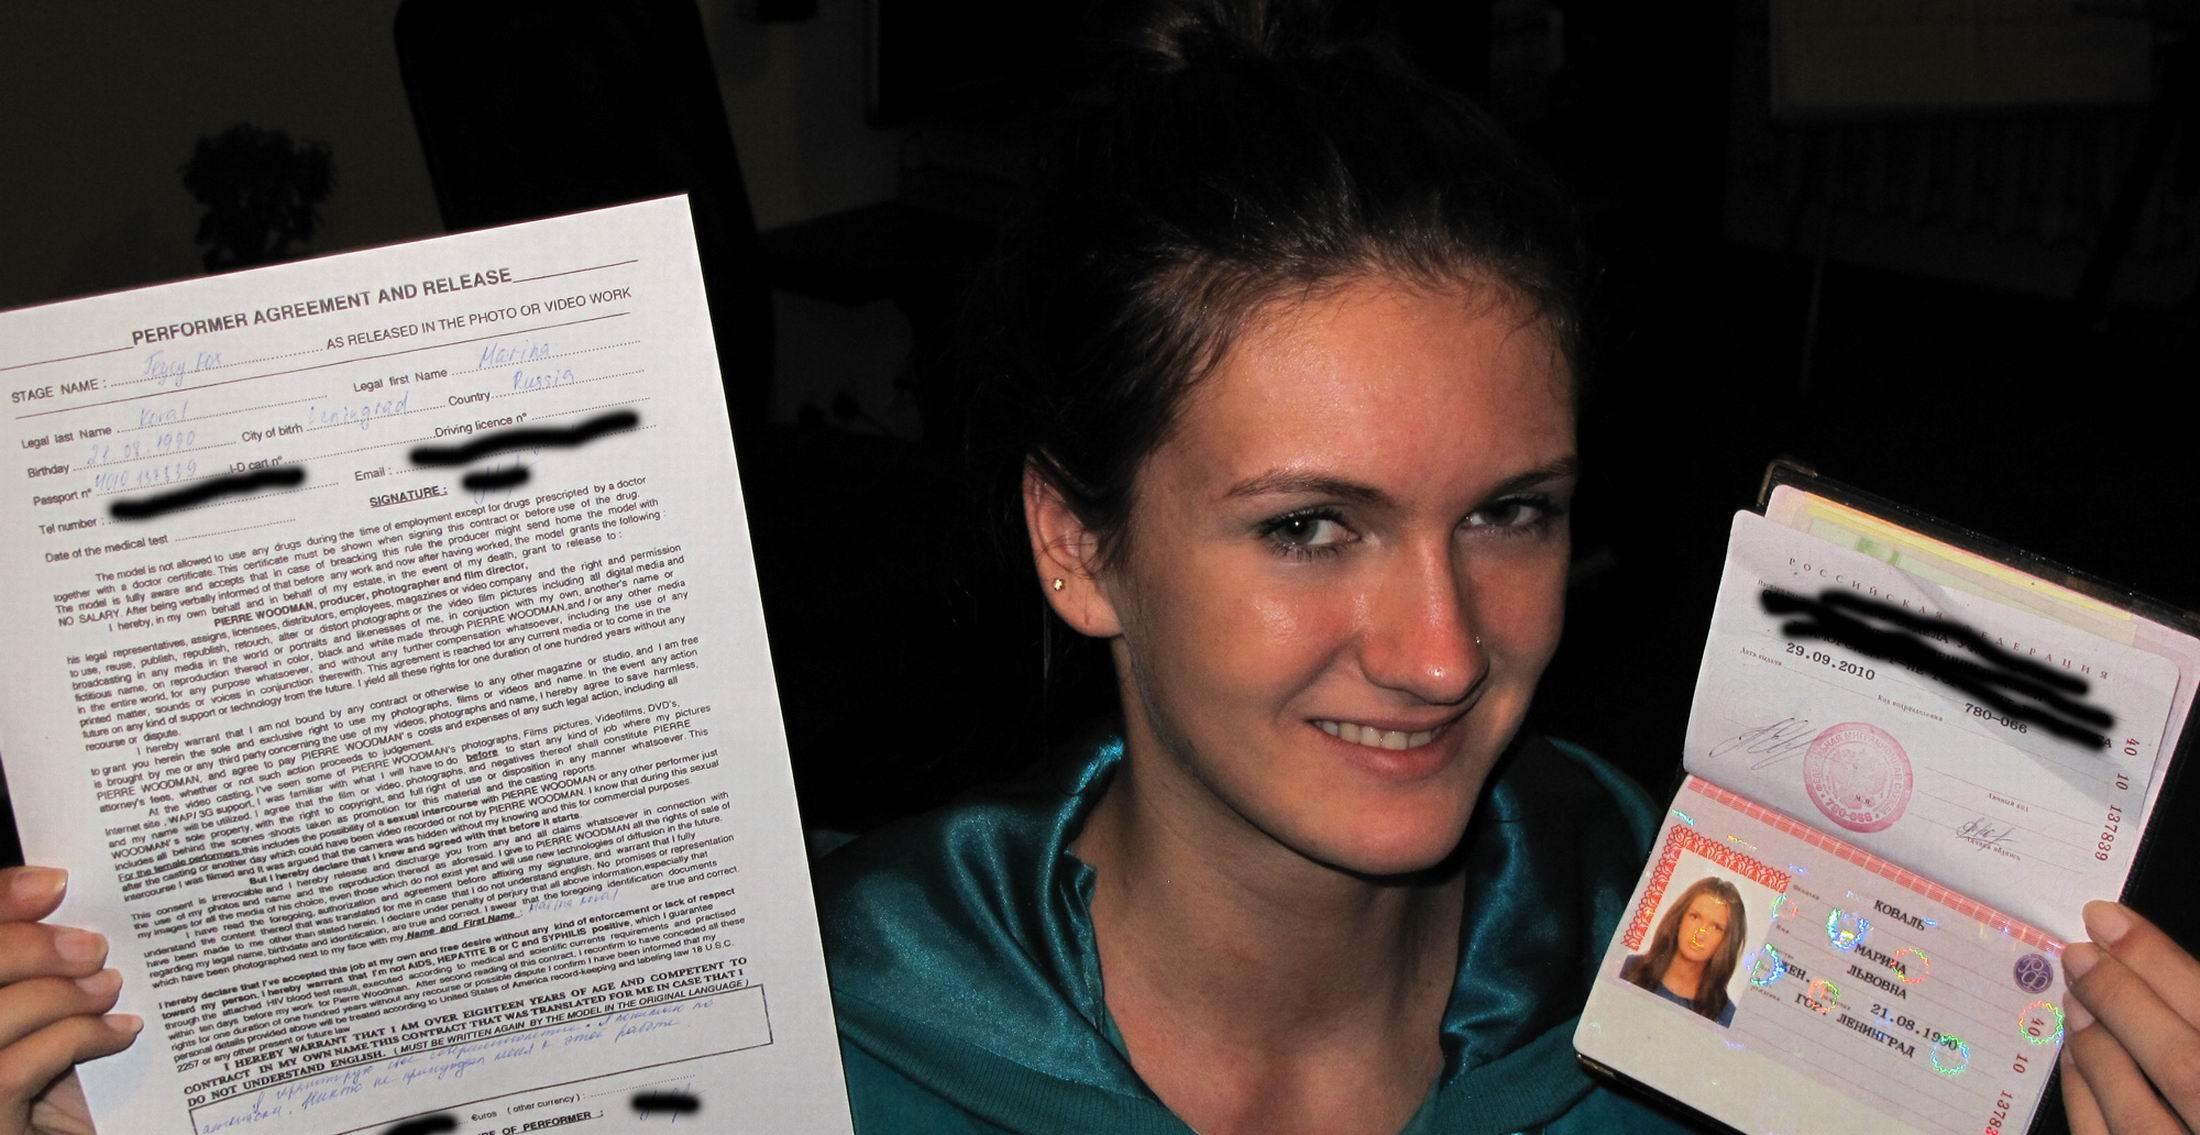 Украинская девушка у вудманом 6 фотография